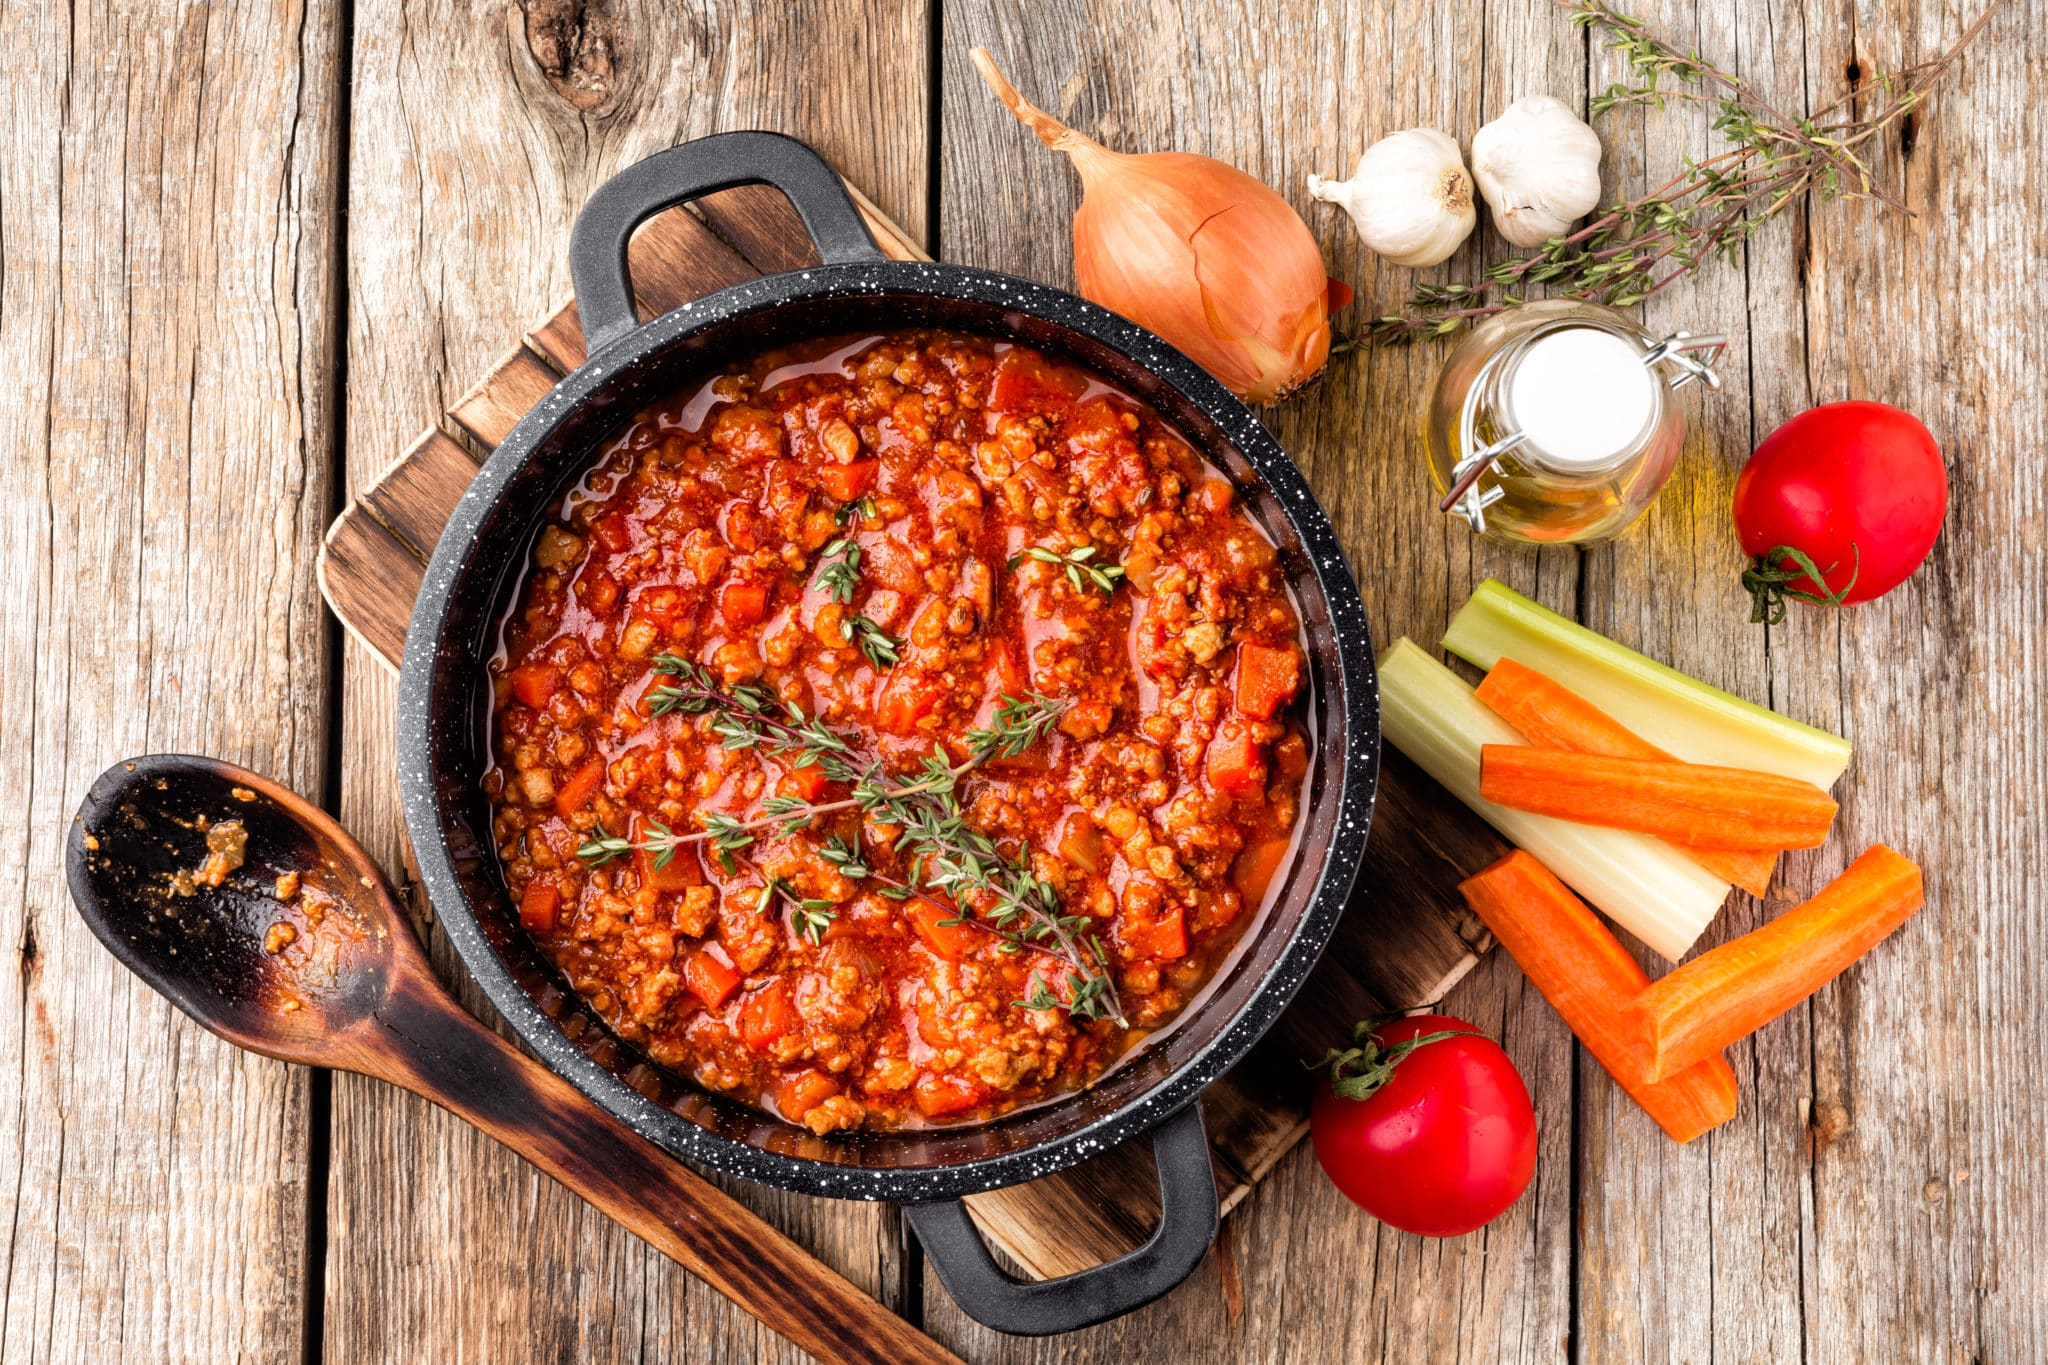 Marisol's vegetarian chili